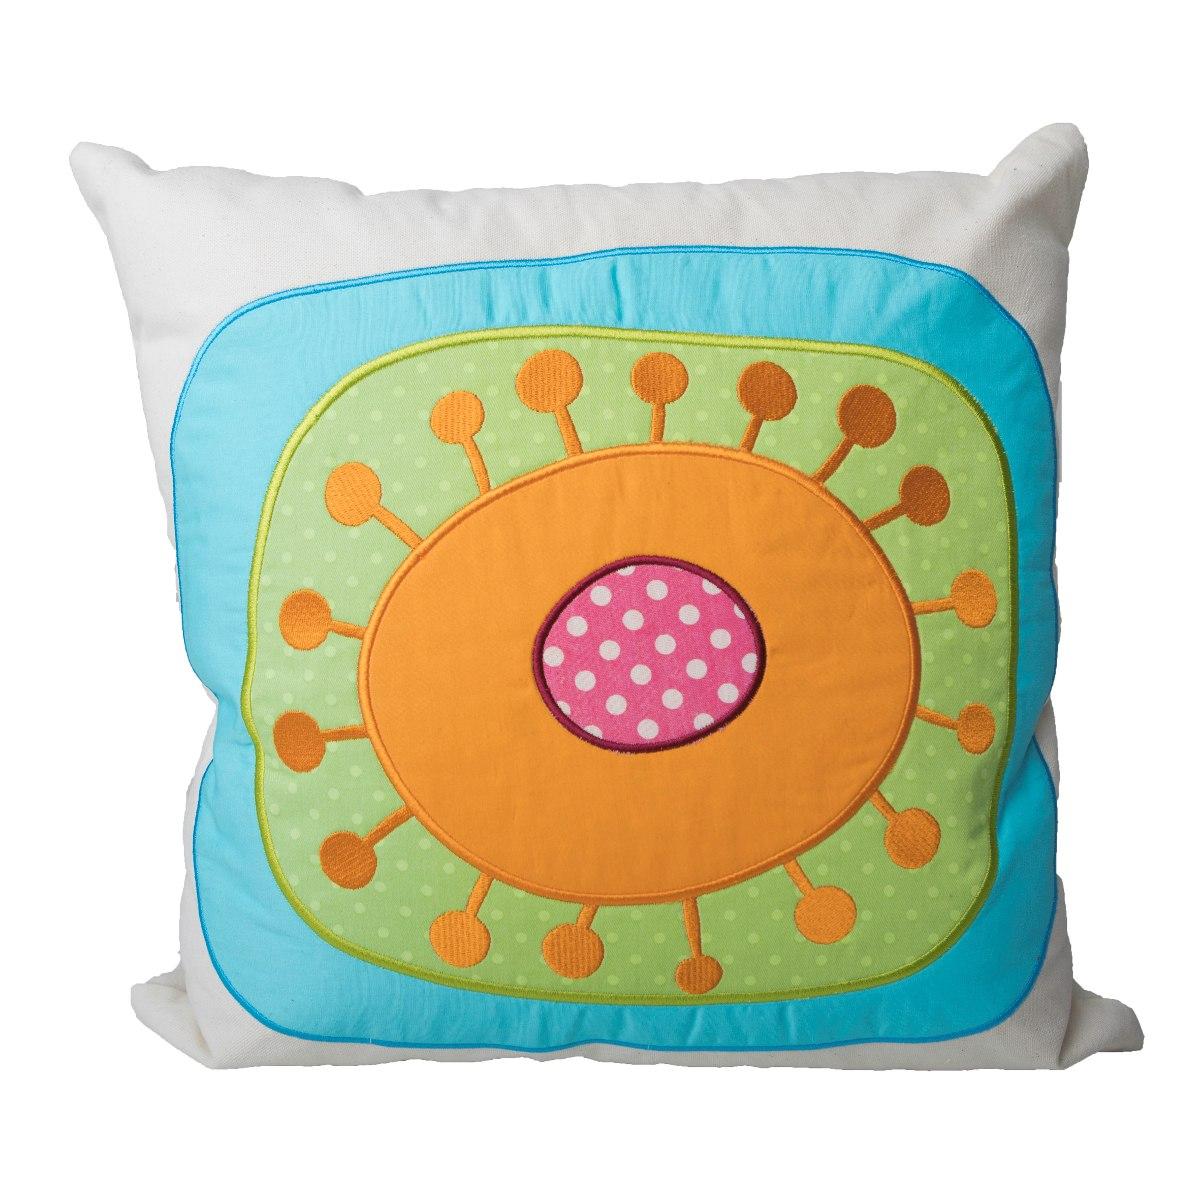 Cojin Decorativo Bordado Decoracion Verde Naranja 40 X 40  # Beestudio Muebles